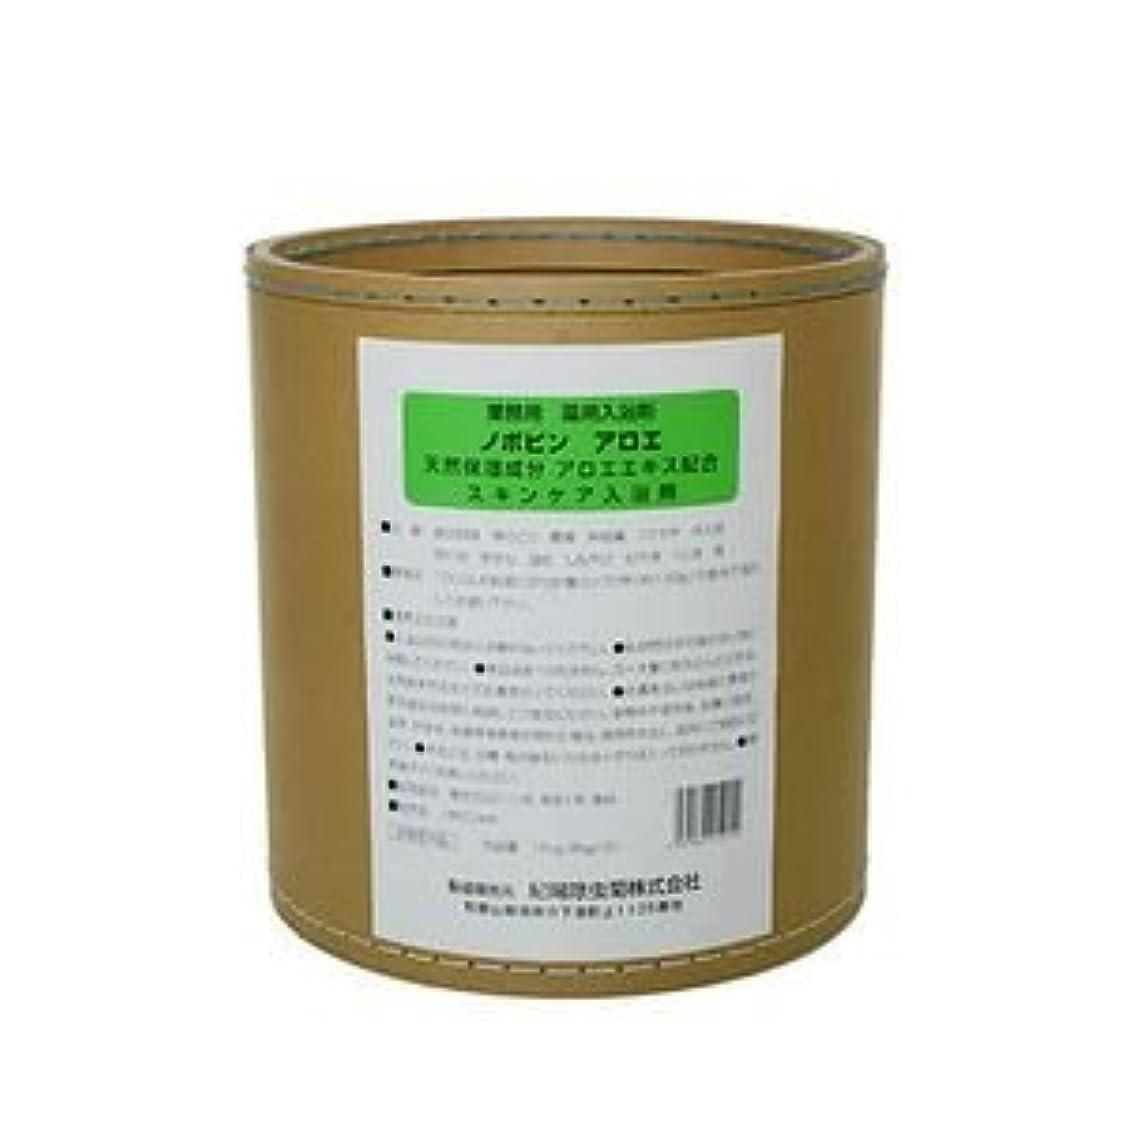 連邦インゲン面白い業務用 バス 入浴剤 ノボピン アロエ 16kg(8kg+2)